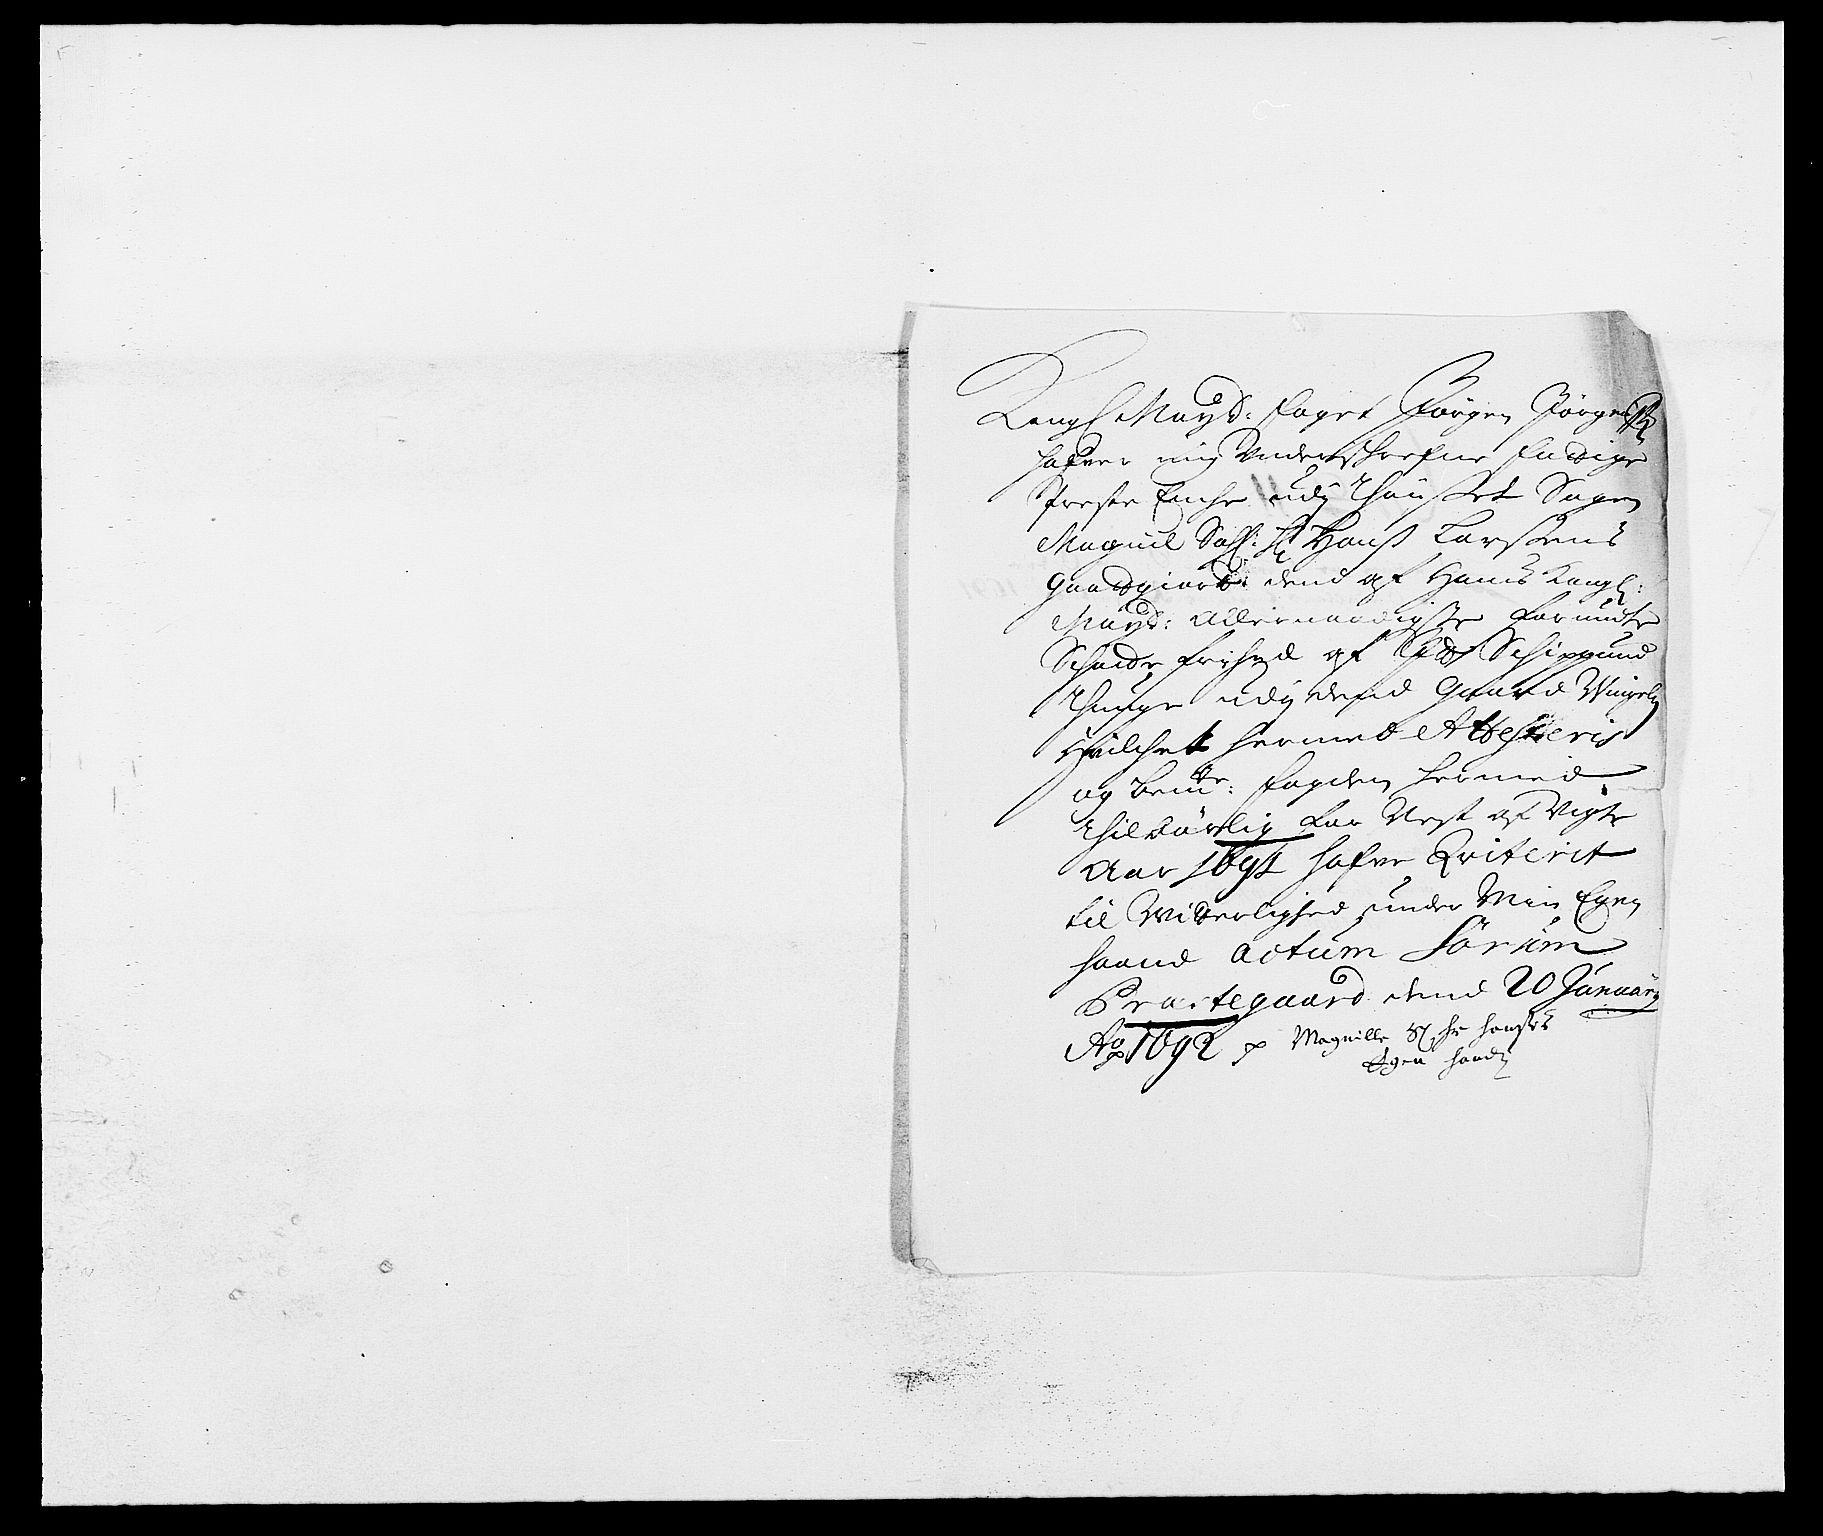 RA, Rentekammeret inntil 1814, Reviderte regnskaper, Fogderegnskap, R13/L0829: Fogderegnskap Solør, Odal og Østerdal, 1691, s. 49